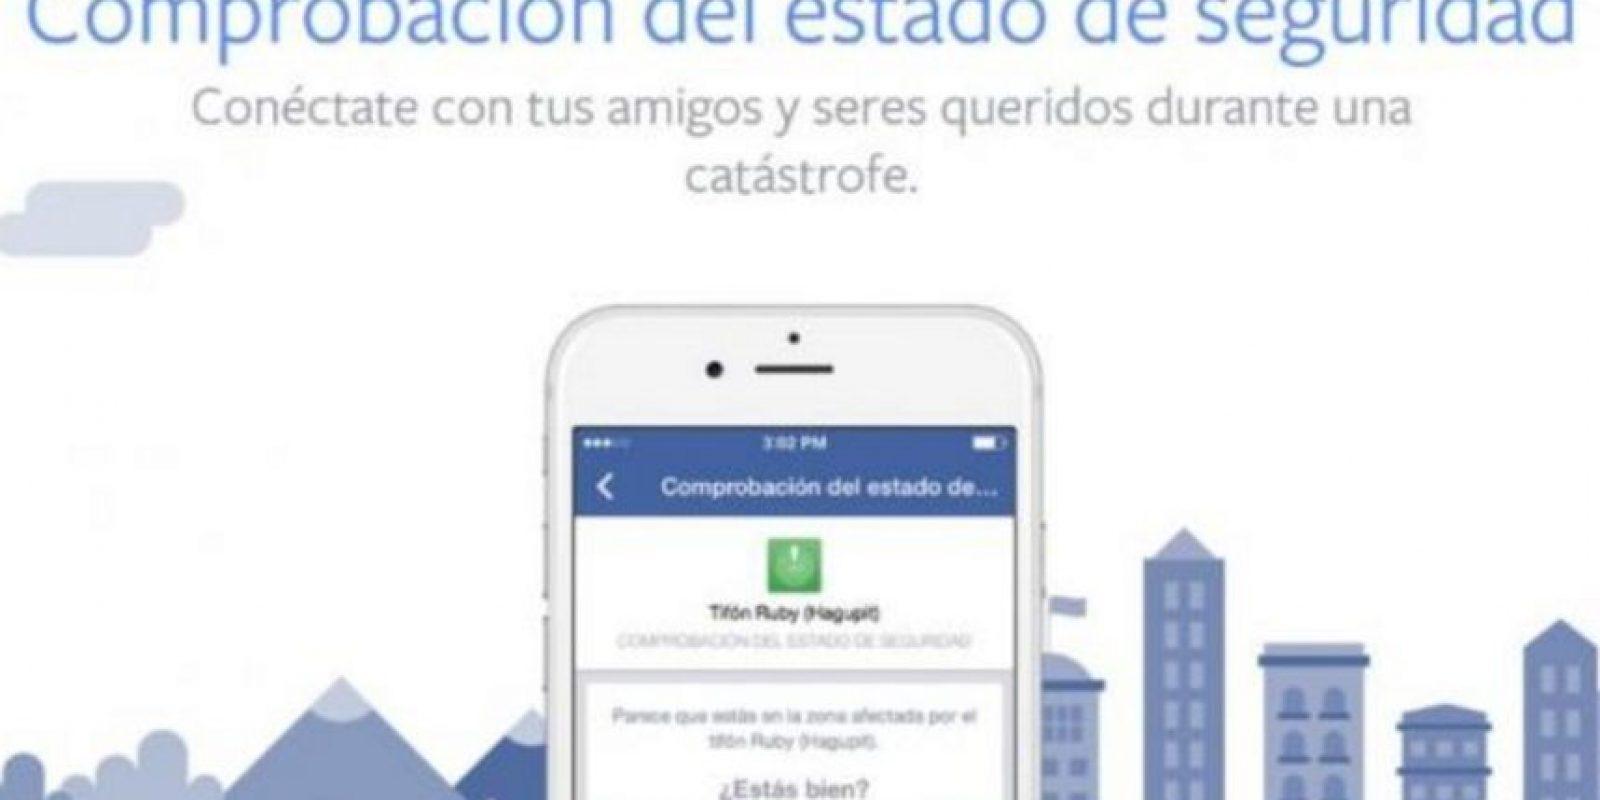 Los usuarios pueden revisar que sus amigos estén bien, confirmar su estado si estaban en la zona de desastre y recibir notificaciones cuando alguien más use la herramienta. Foto: Facebook